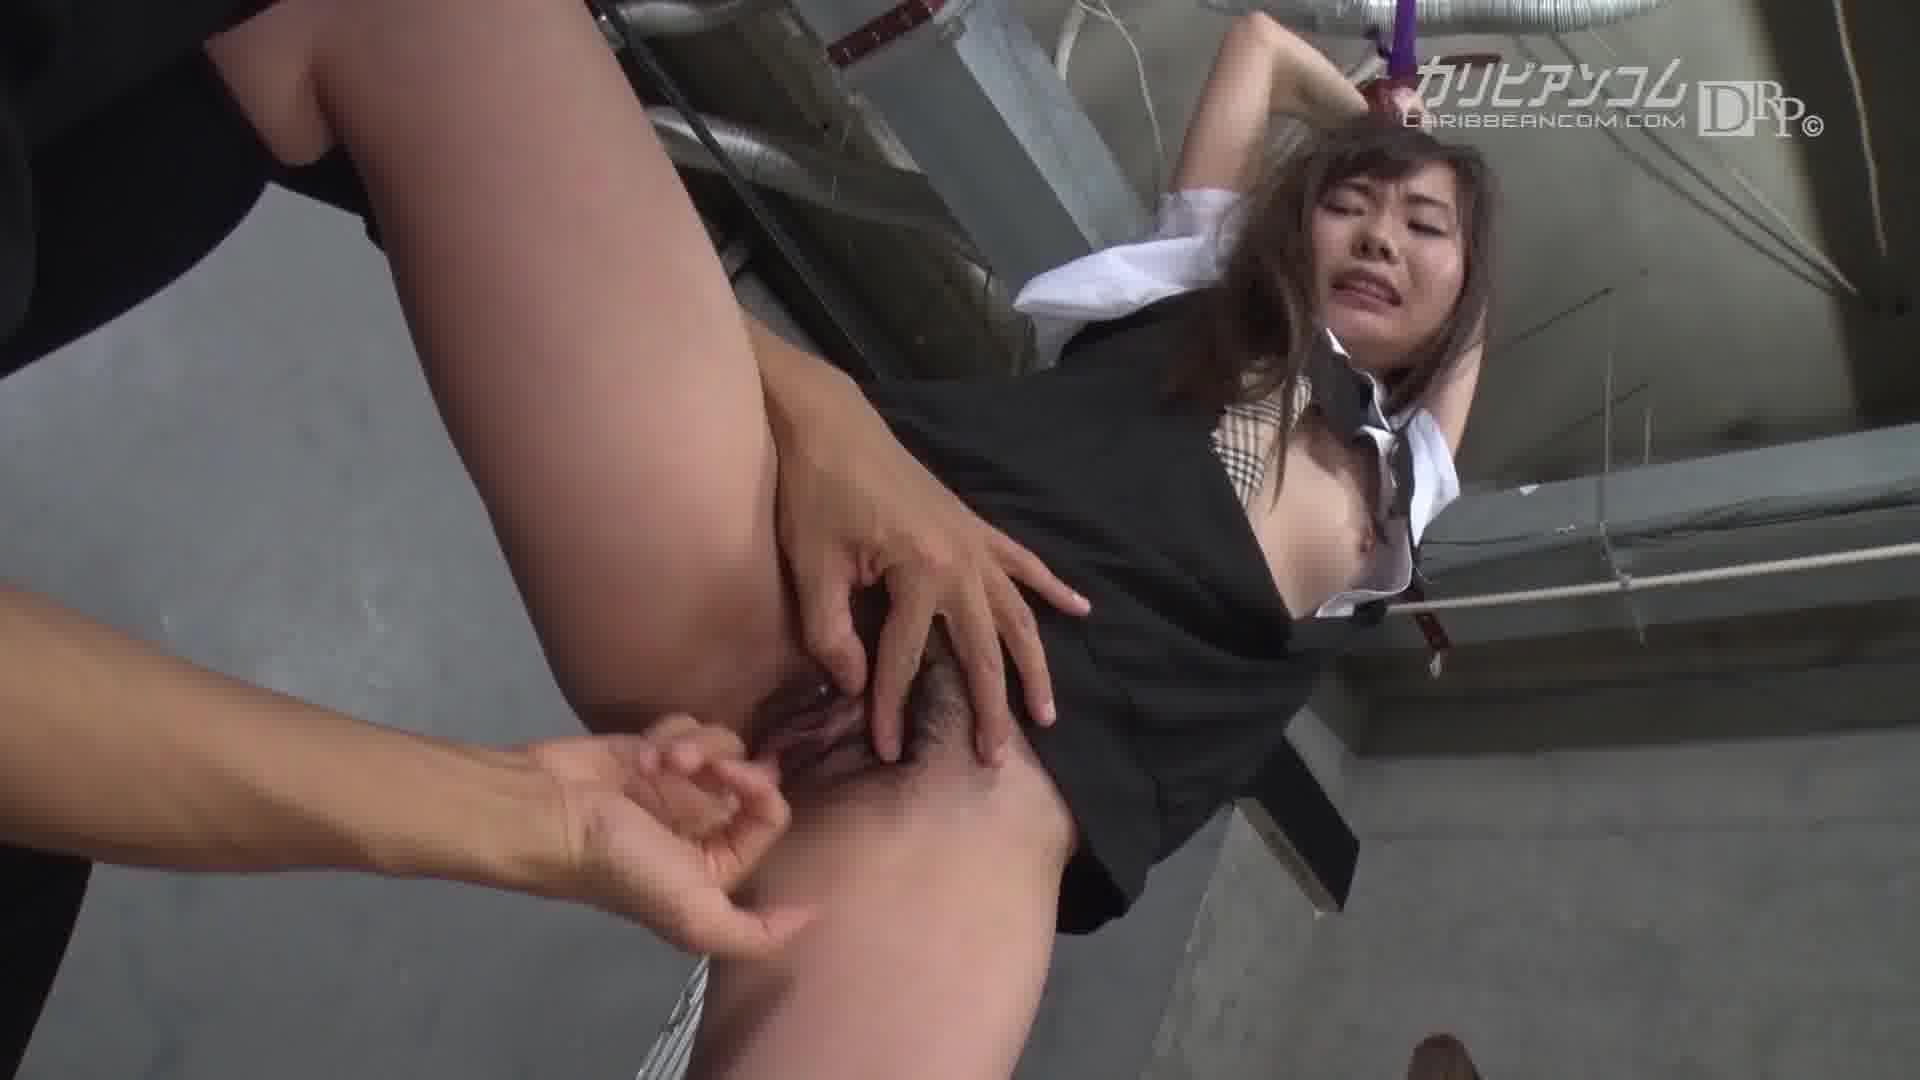 制服美女倶楽部 Vol.18 - 川澄まい【乱交・制服・SM】